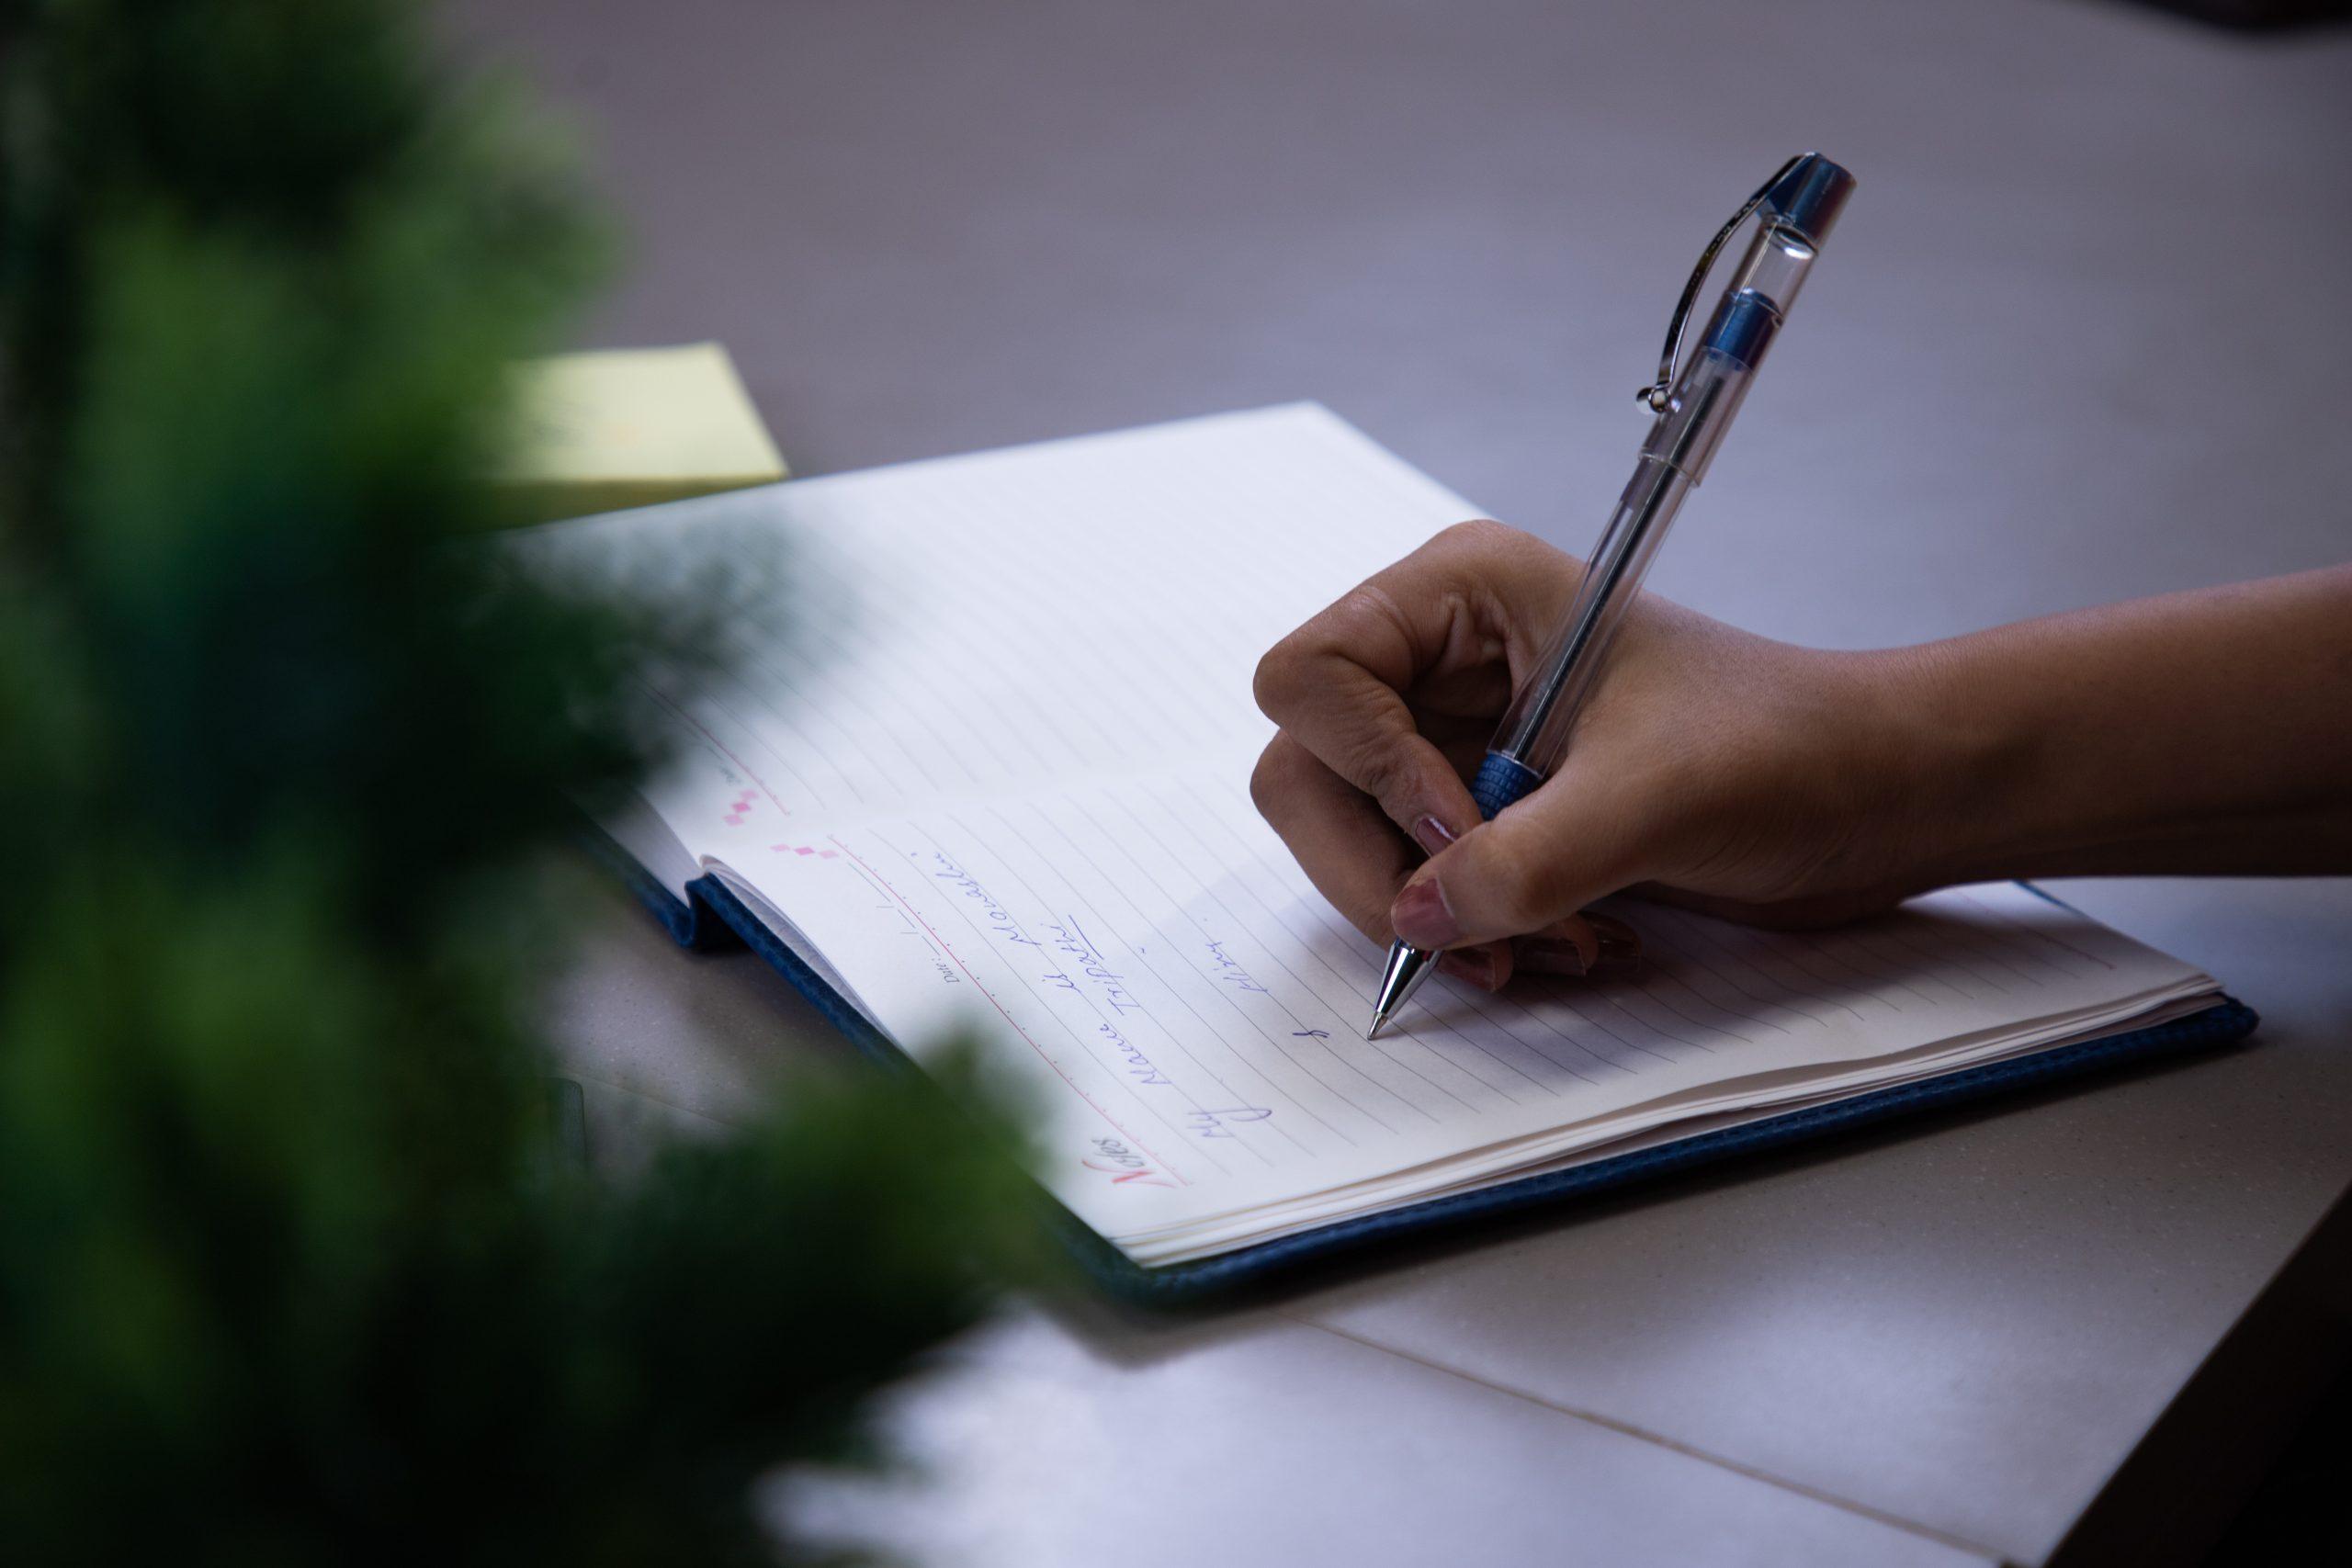 Employee taking notes